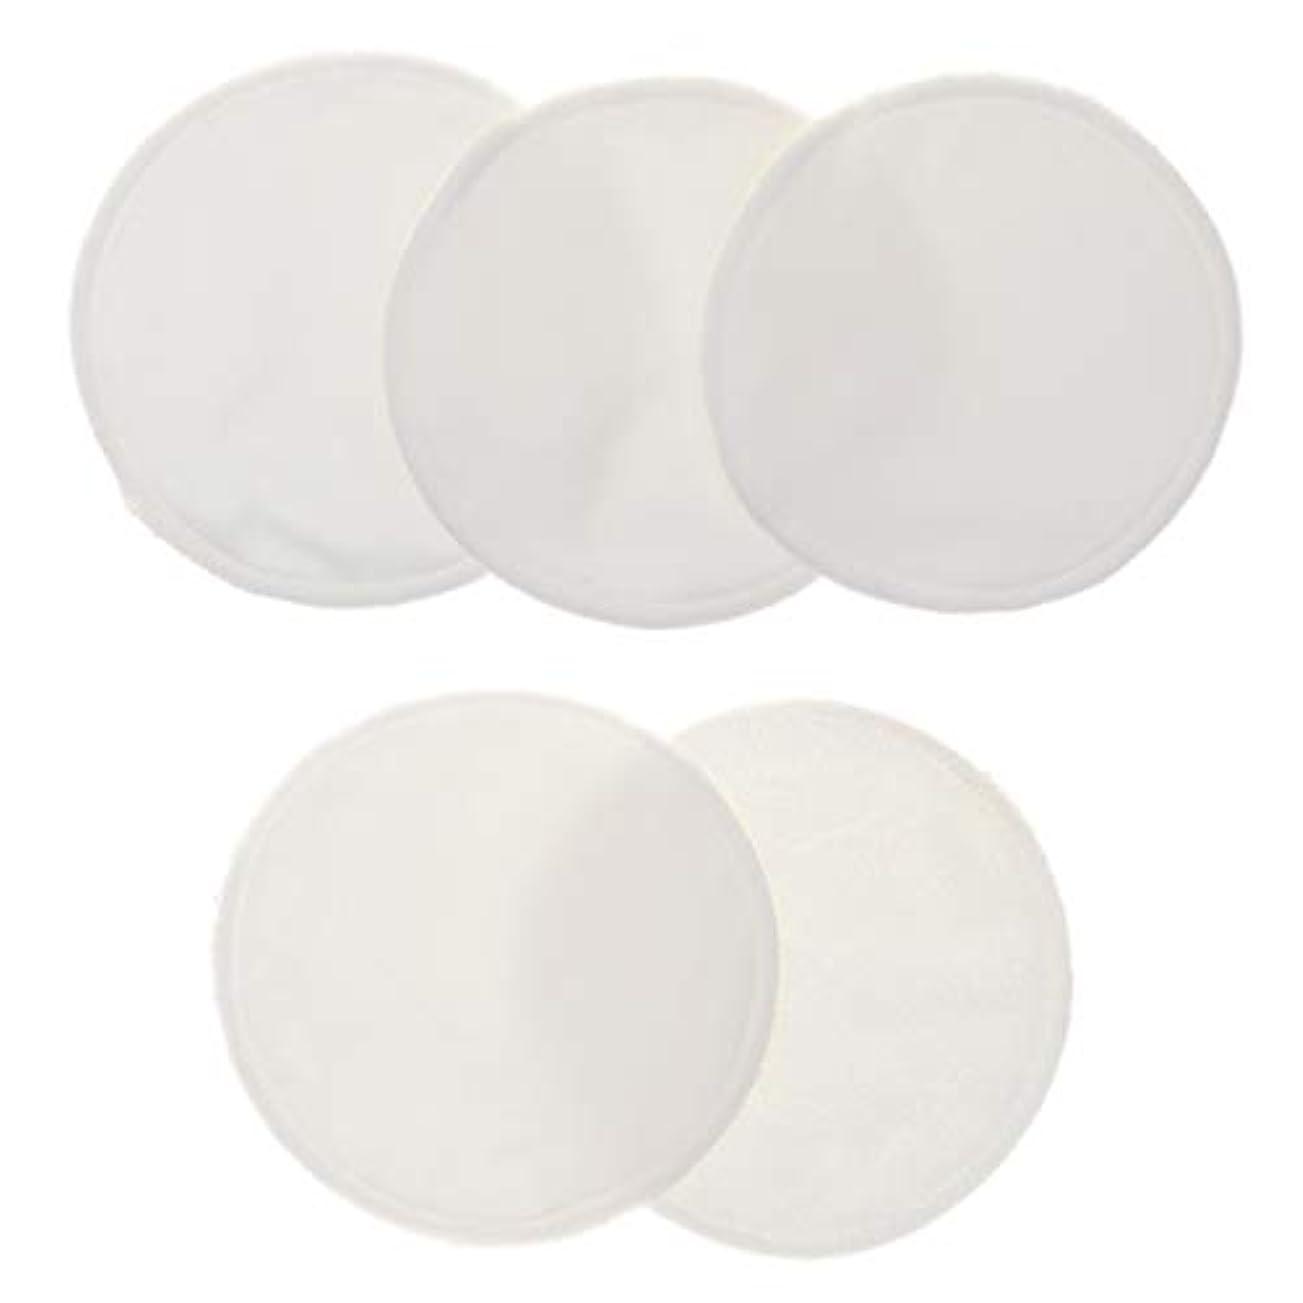 お別れ時代遅れ花5個 クレンジングシート 胸パッド 化粧用 竹繊維 円形 12cm 洗える 再使用可能 耐久性 全5色 - 白